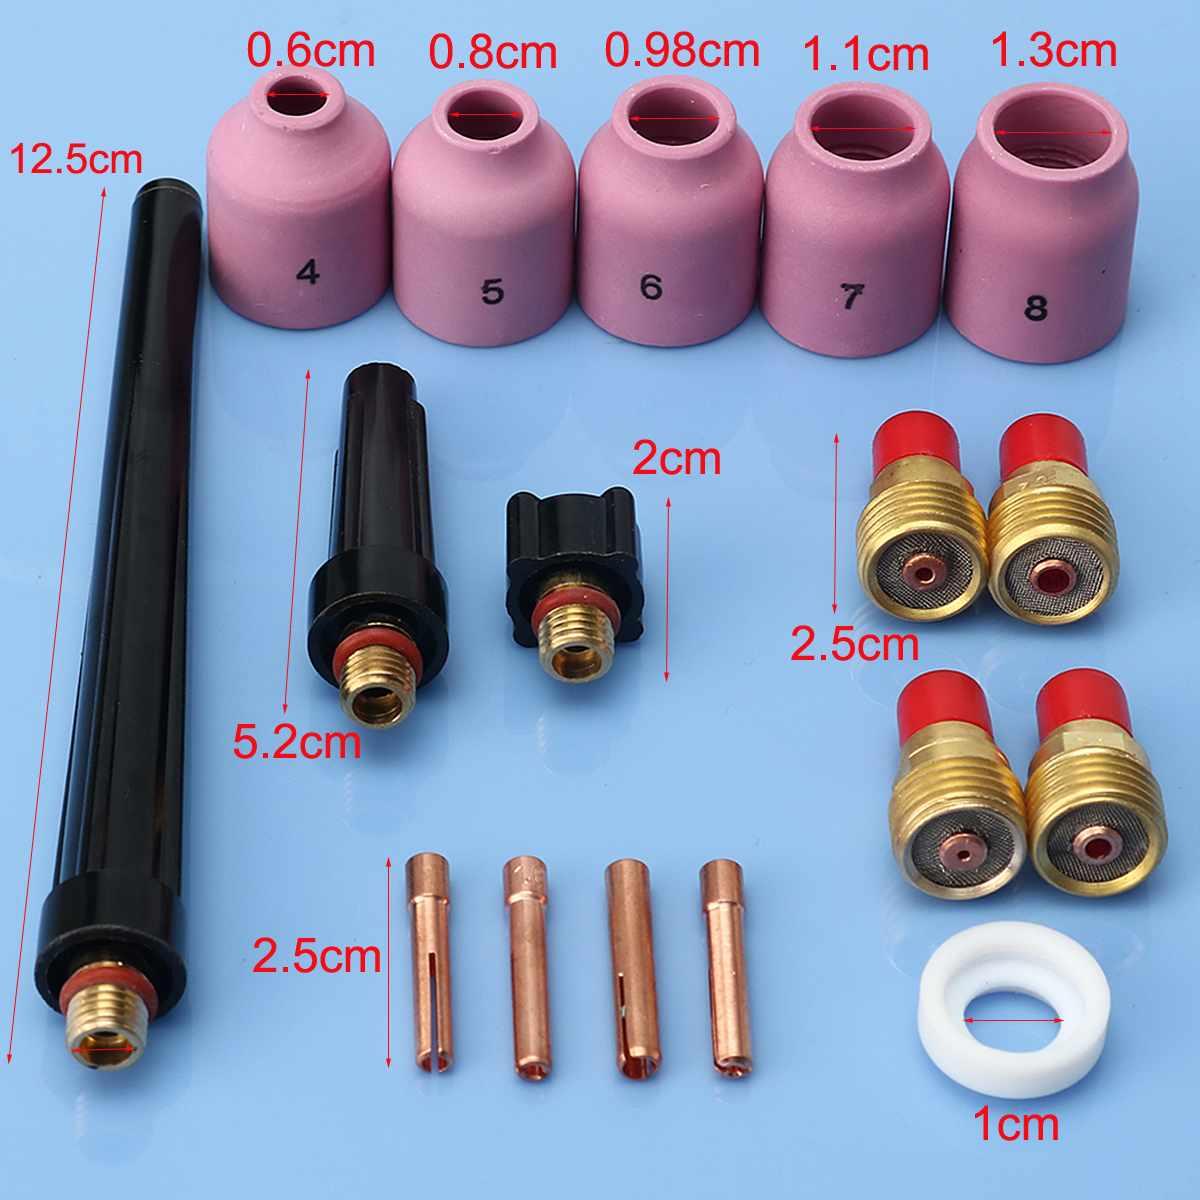 Gorąca sprzedaż 17 sztuk TIG palnik do spawania soczewka gazowa akcesoria pełny zestaw zestaw do WP9/20/25 serii 0.040